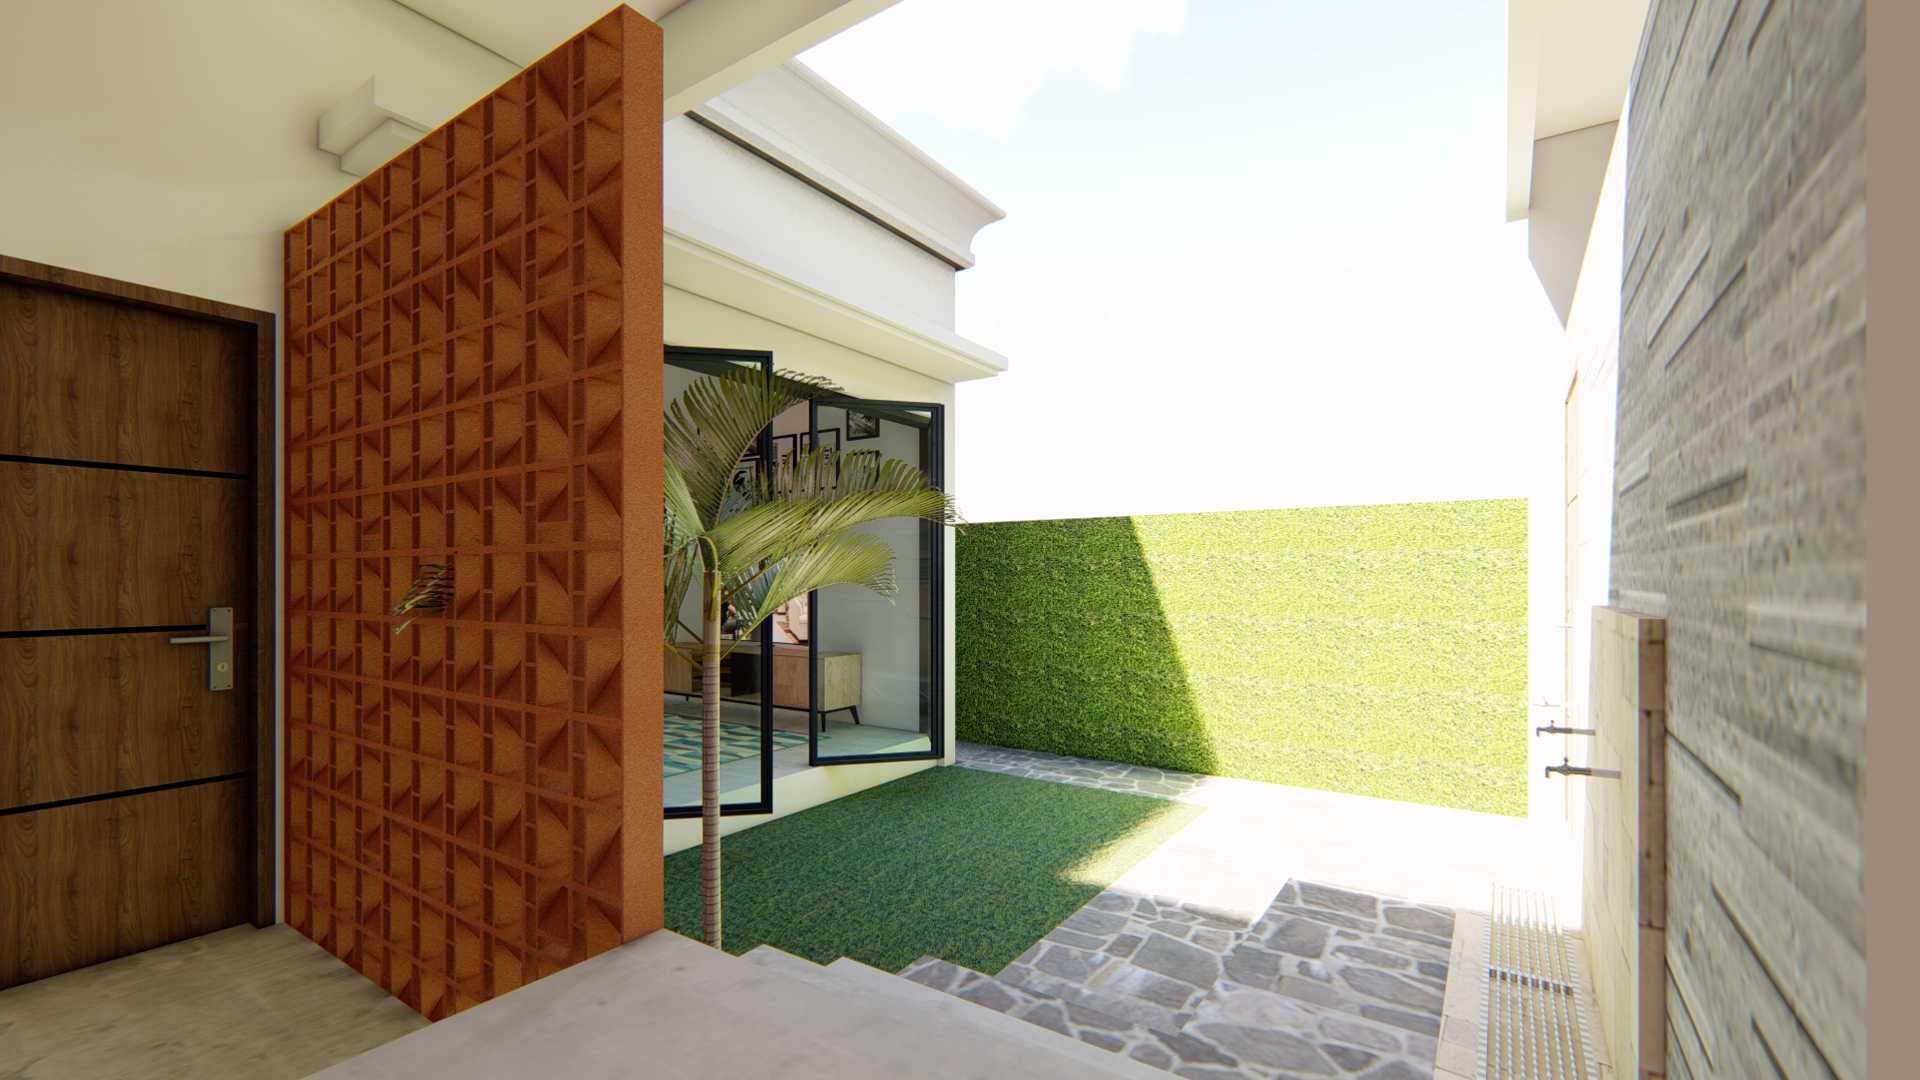 Astabumi Studio Pr House Tegal Tegal, Kota Tegal, Jawa Tengah, Indonesia Yogyakarta Cv-Astabumi-Manunggal-Prakarsa-Jto-Jogja-Trade-Office  119462